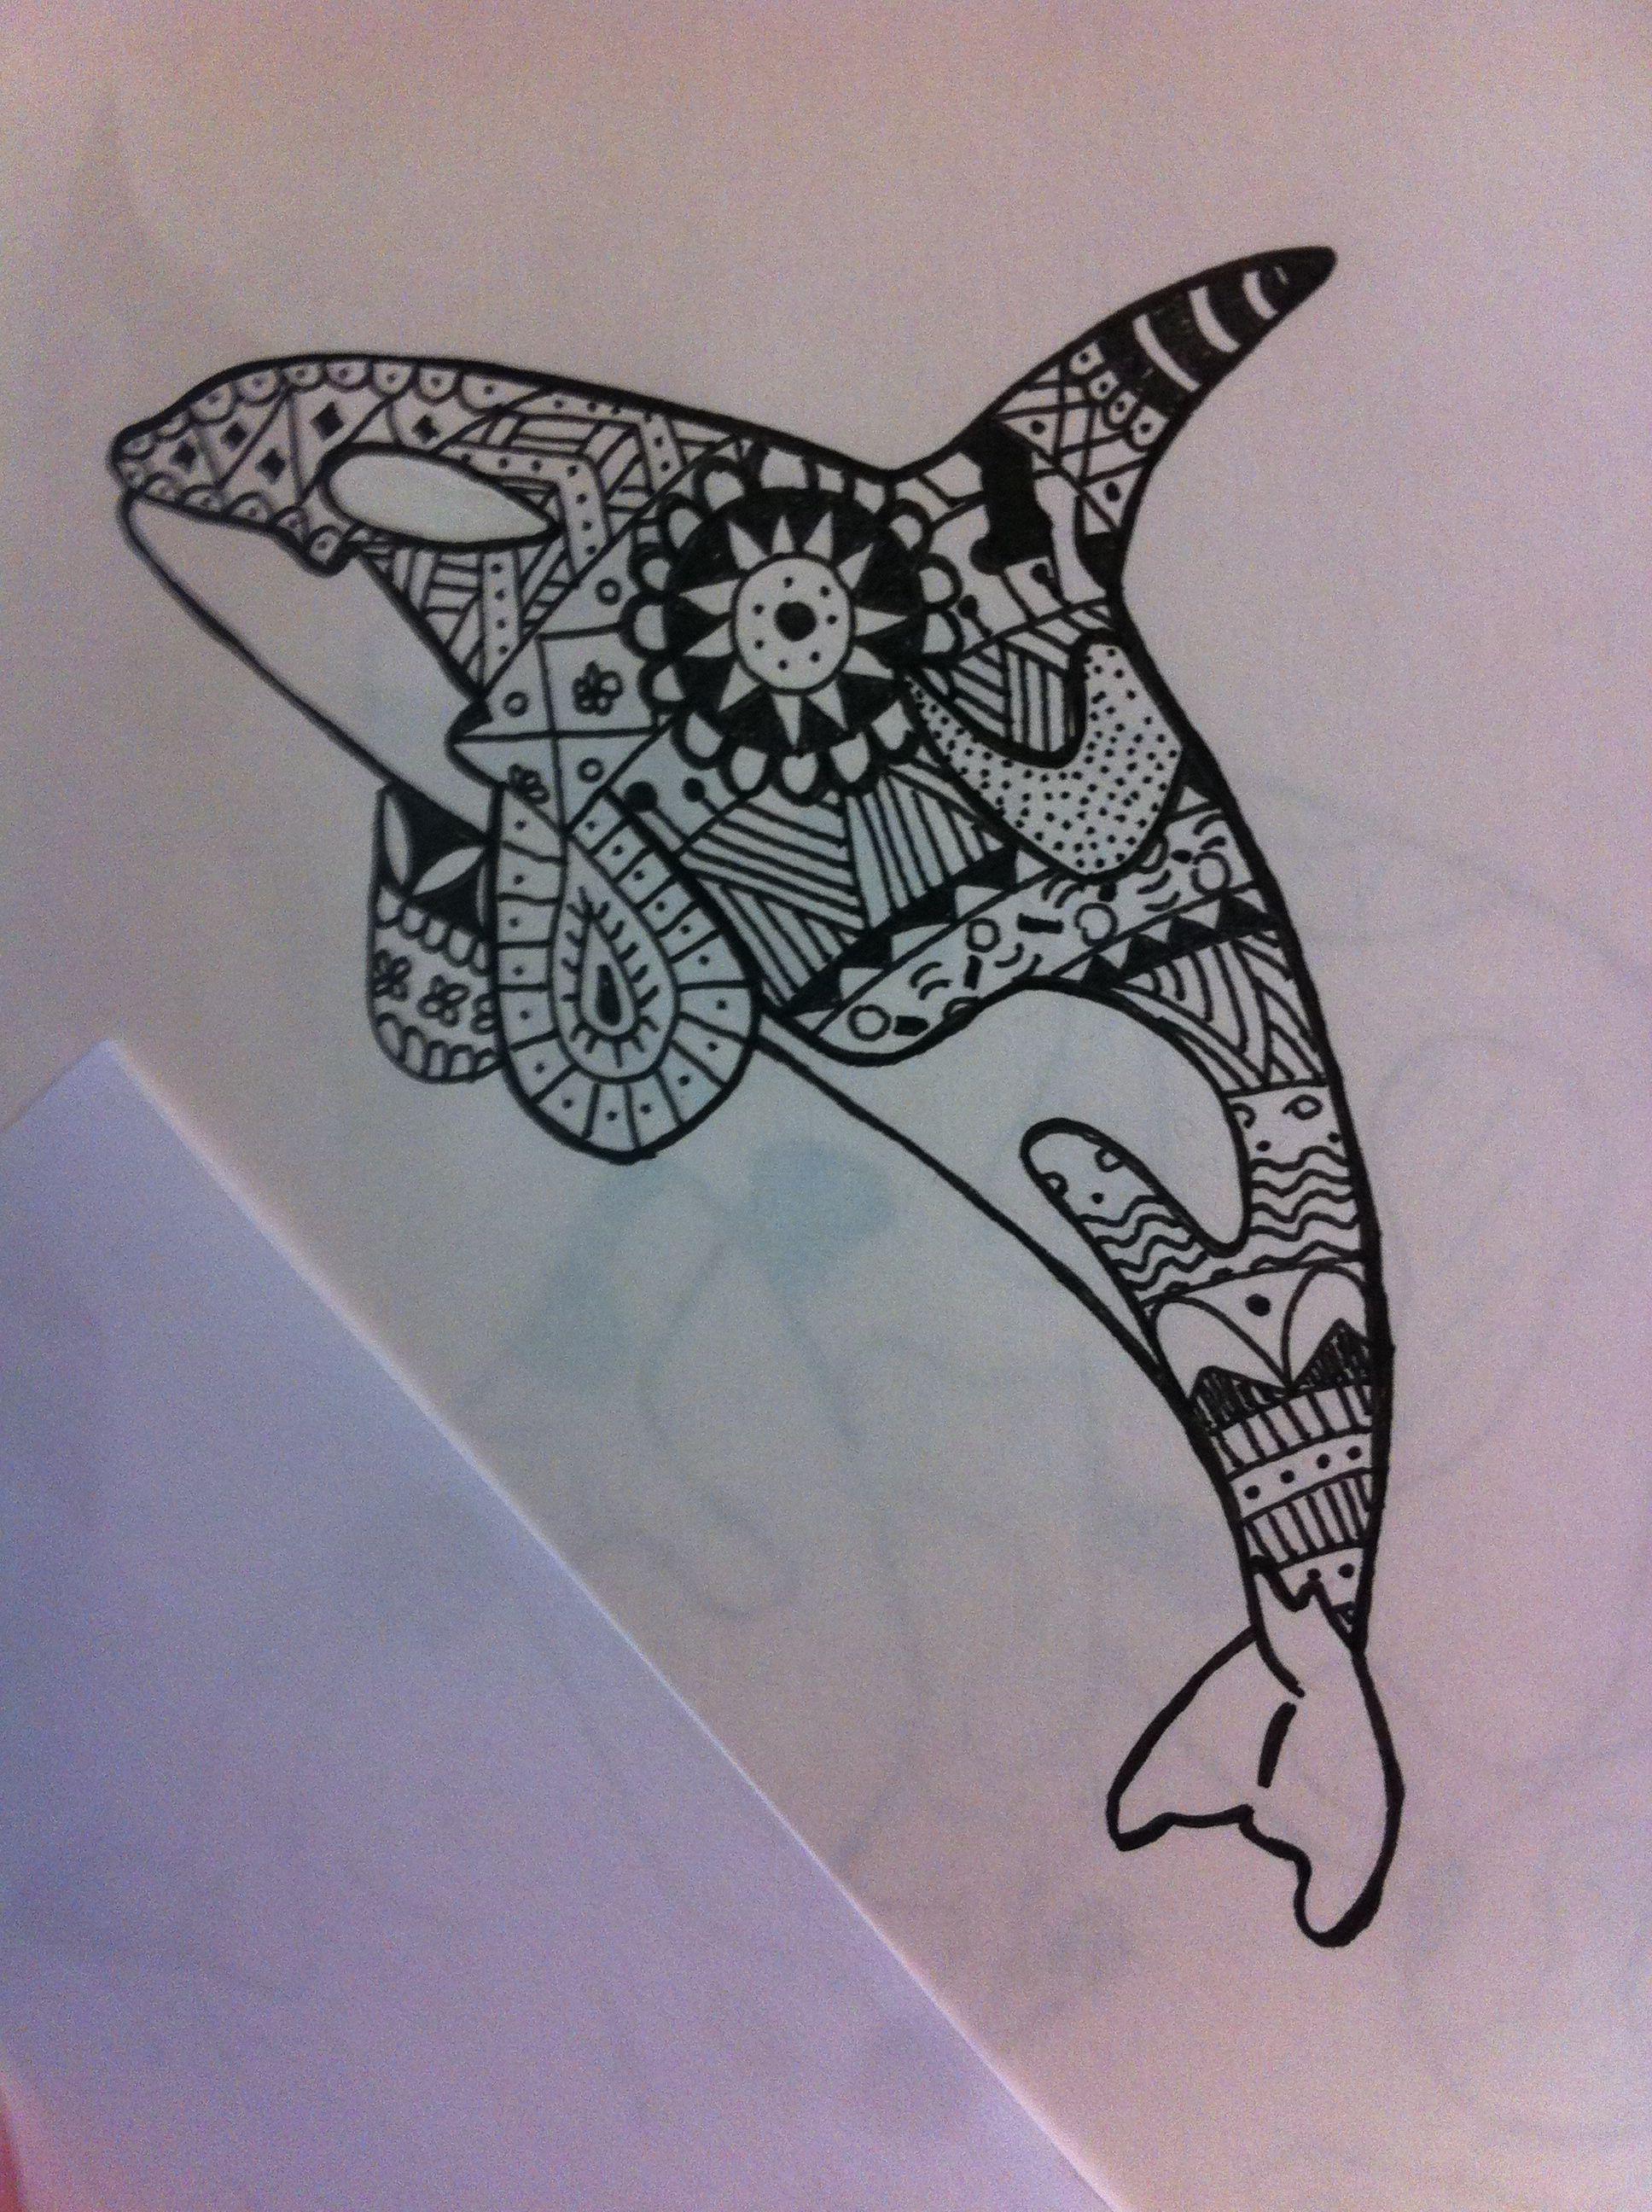 Dibujo de orca, diseñado por mi para mi próximo tatuaje | Ballenas ...